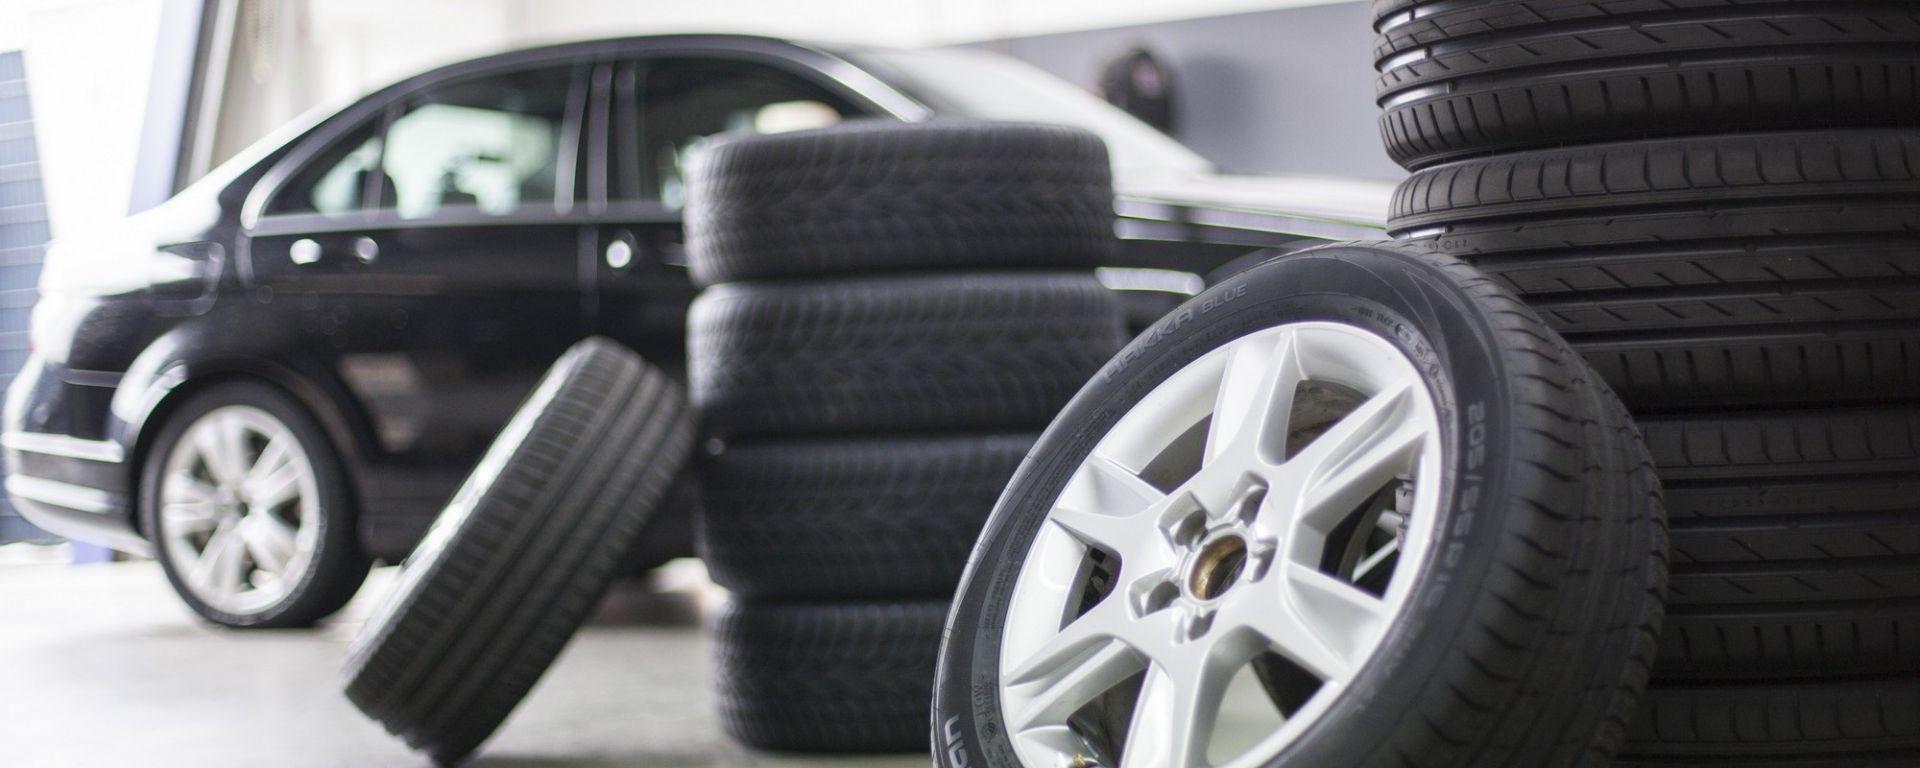 Cambio gomme: consigli per la conservazione degli pneumatici